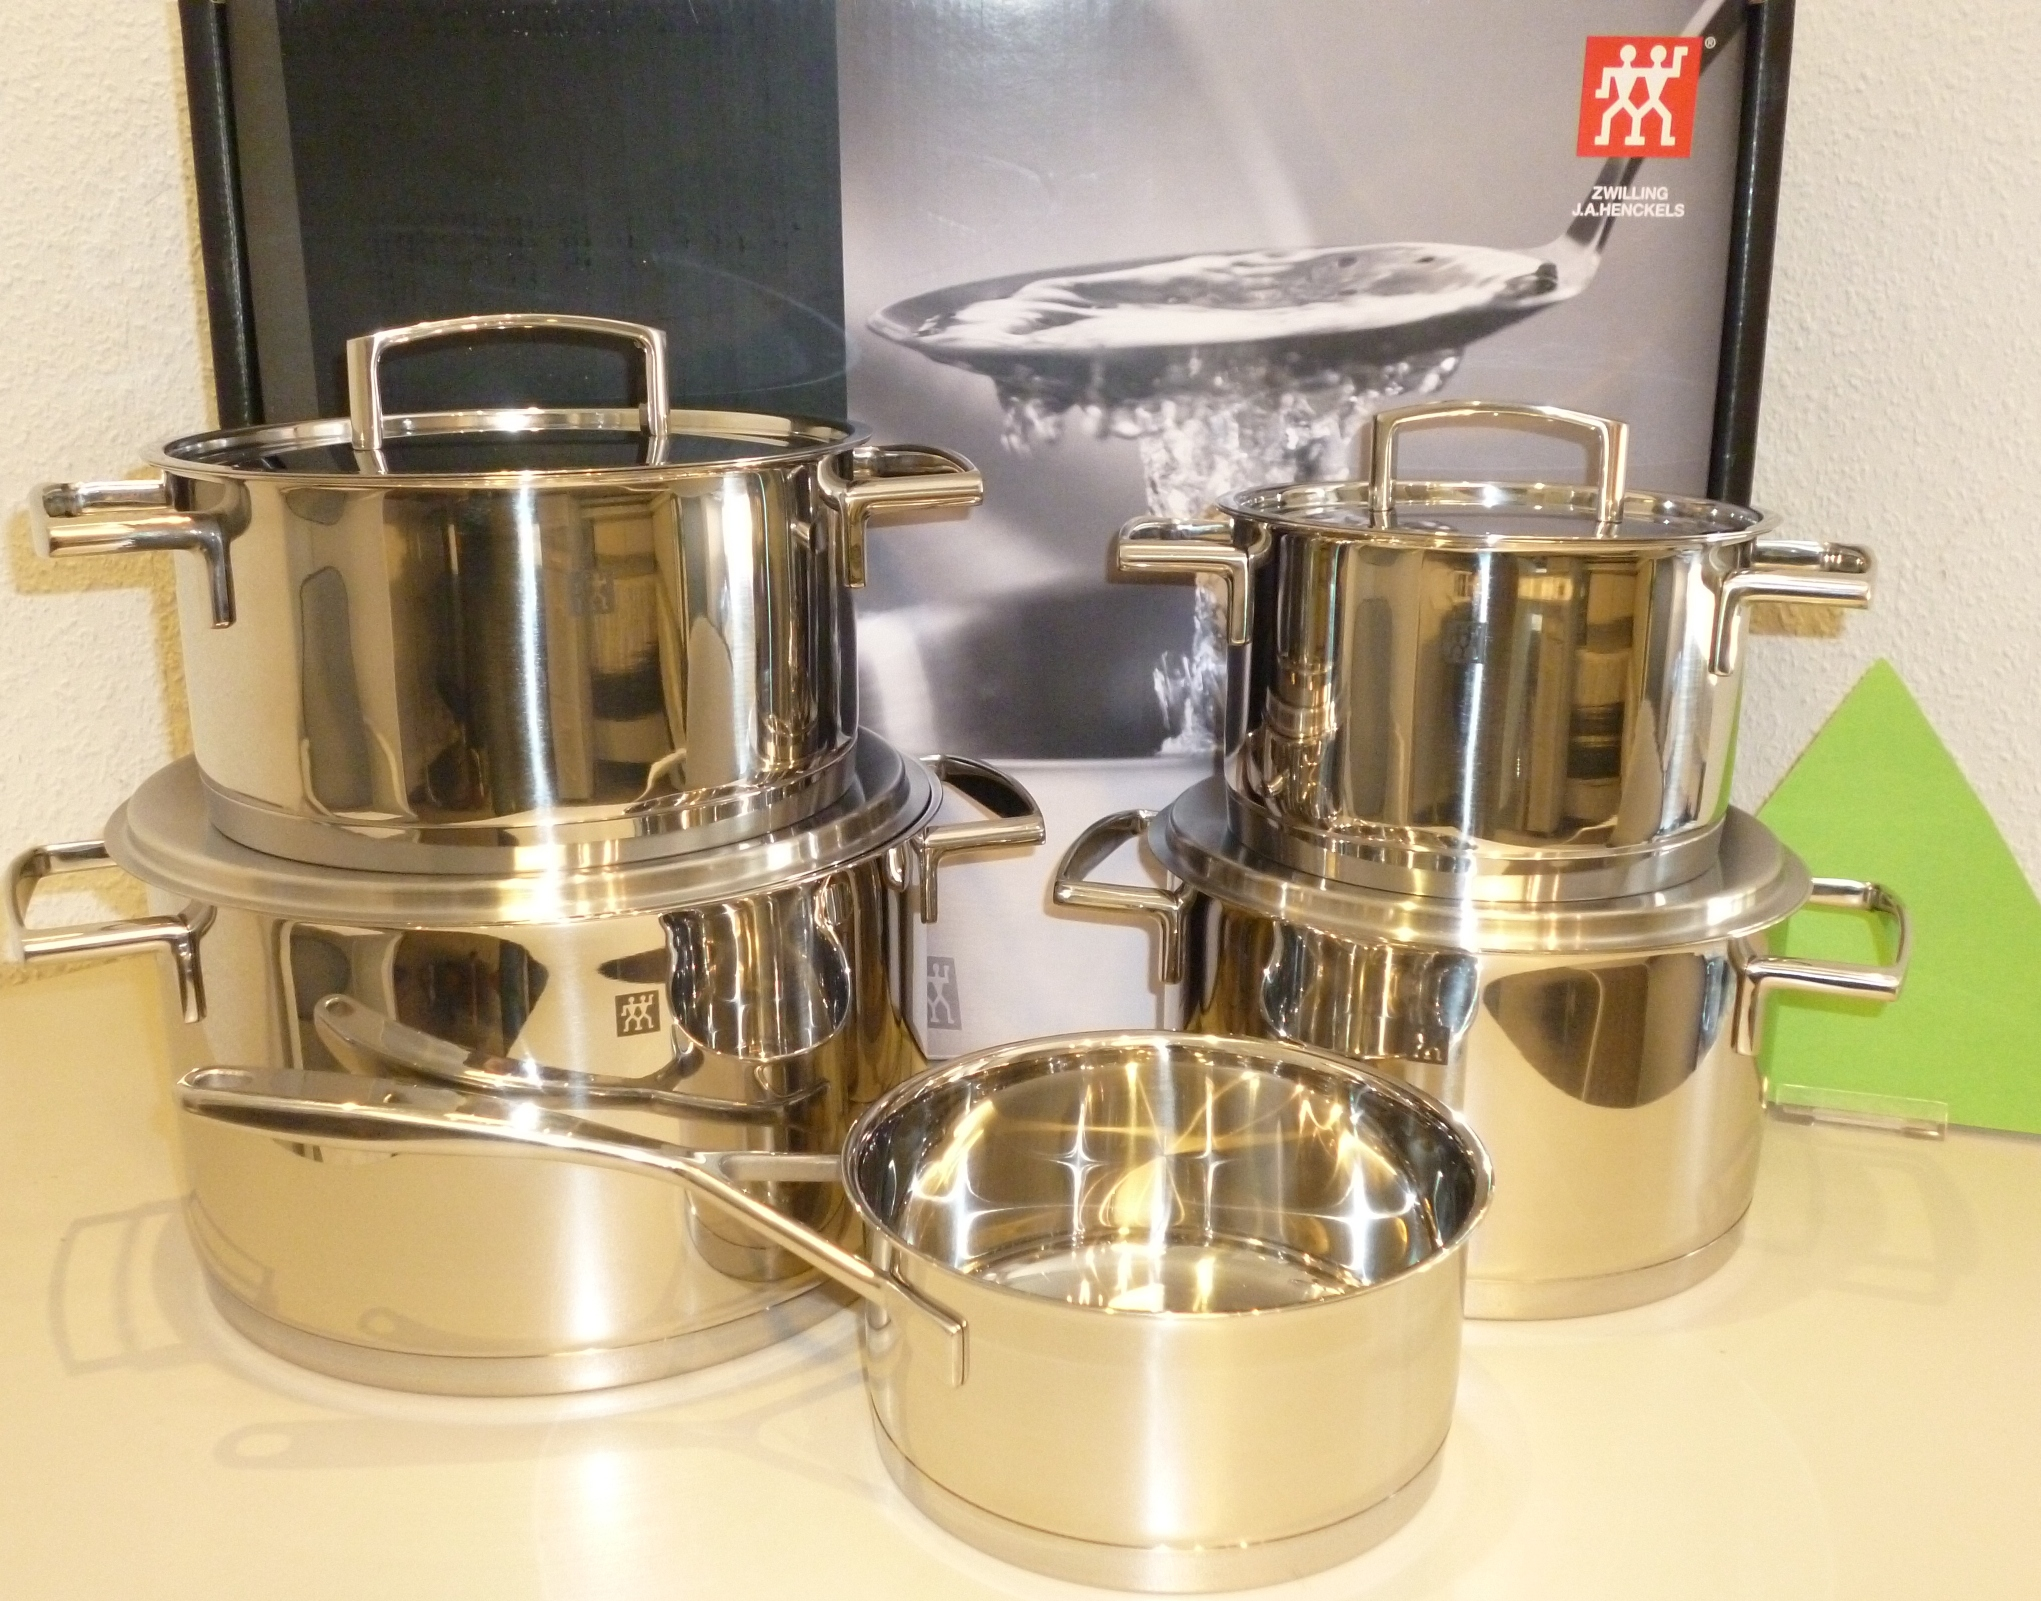 homann schenken kochen wohnen zwilling topfset passion 5 tlg induktion. Black Bedroom Furniture Sets. Home Design Ideas